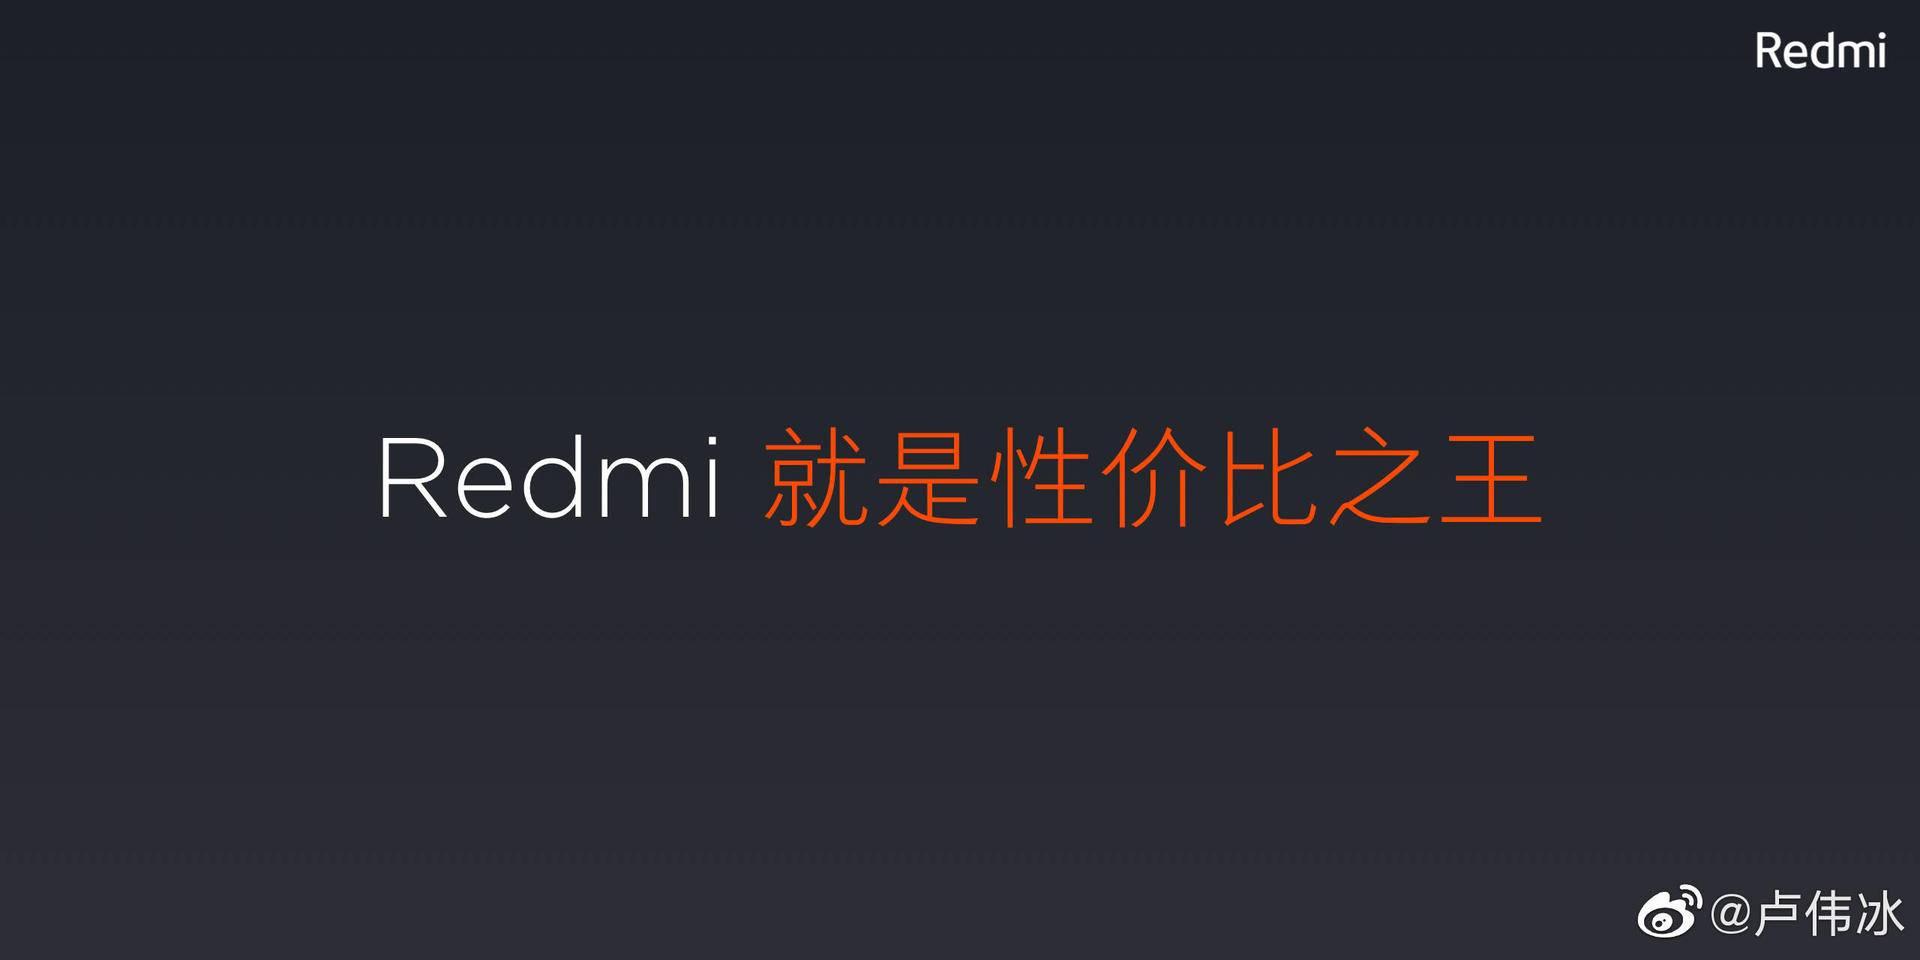 红米Raphael将支持GPU超频 定位高端电竞旗舰?